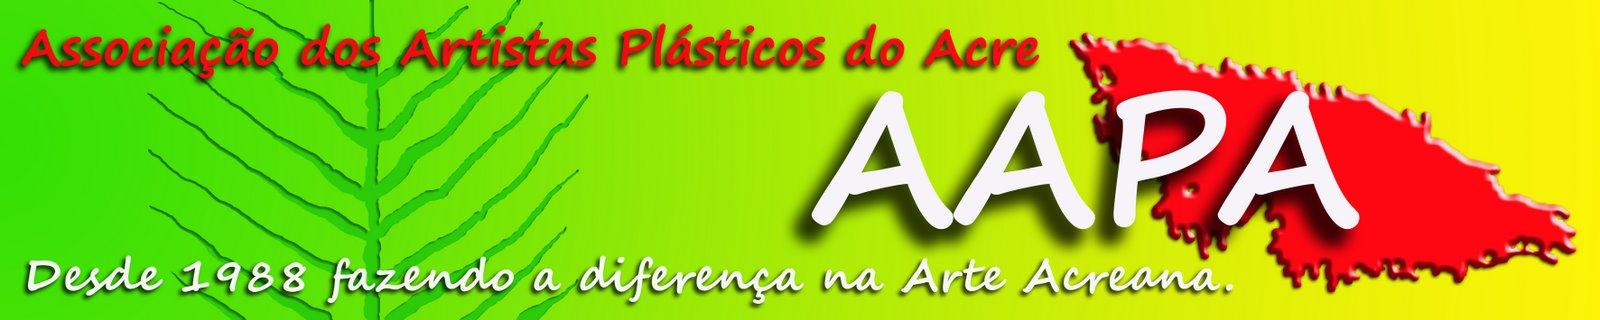 AAPA-Associação dos Artistas Plásticos do Acre